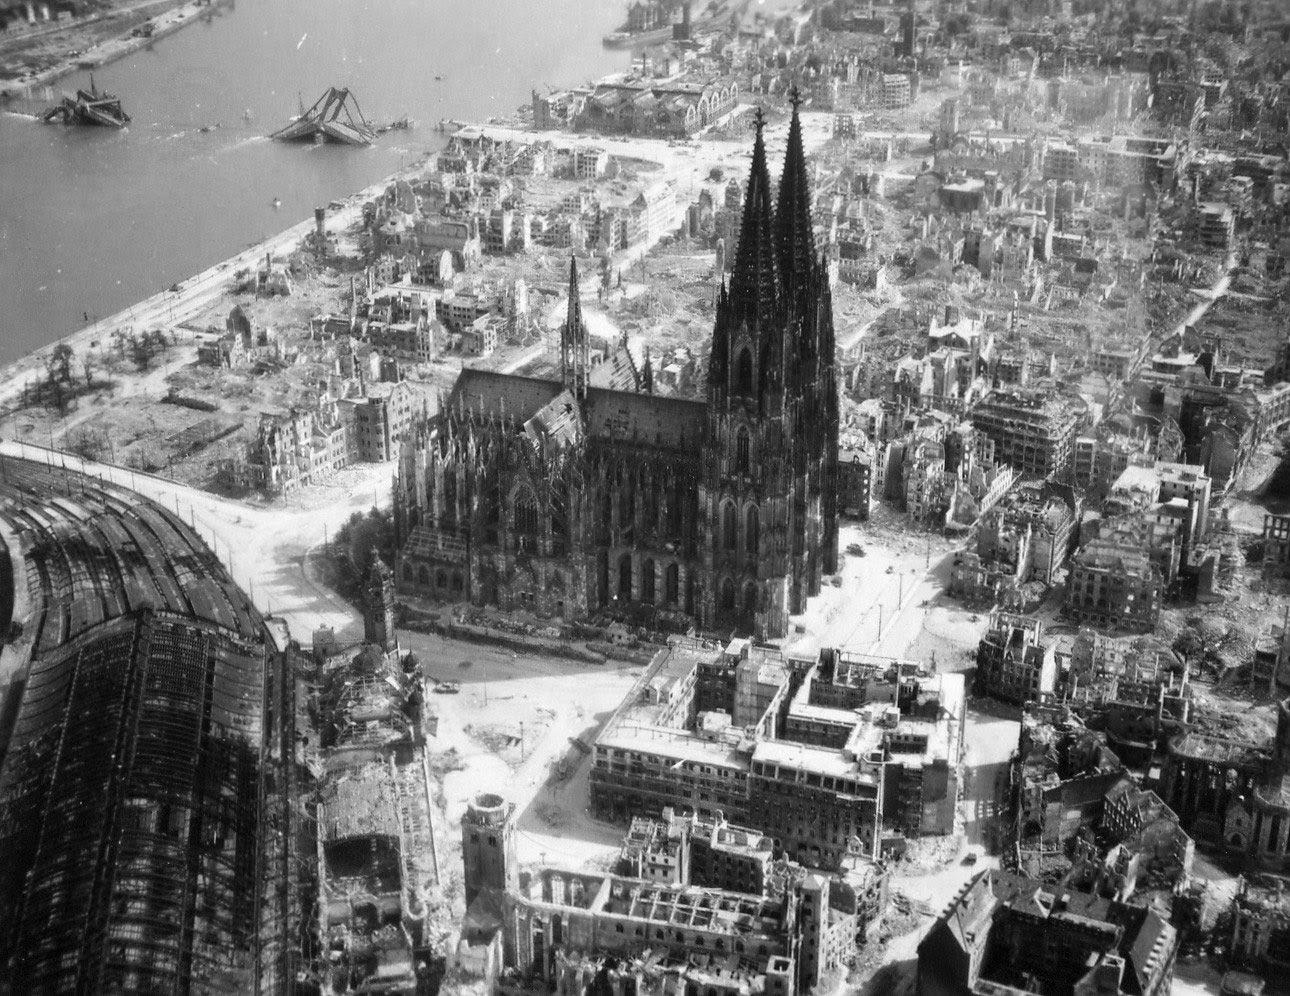 La catedral de Colonia se alza en medio de las ruinas de la ciudad después de los bombardeos aliados, 1944